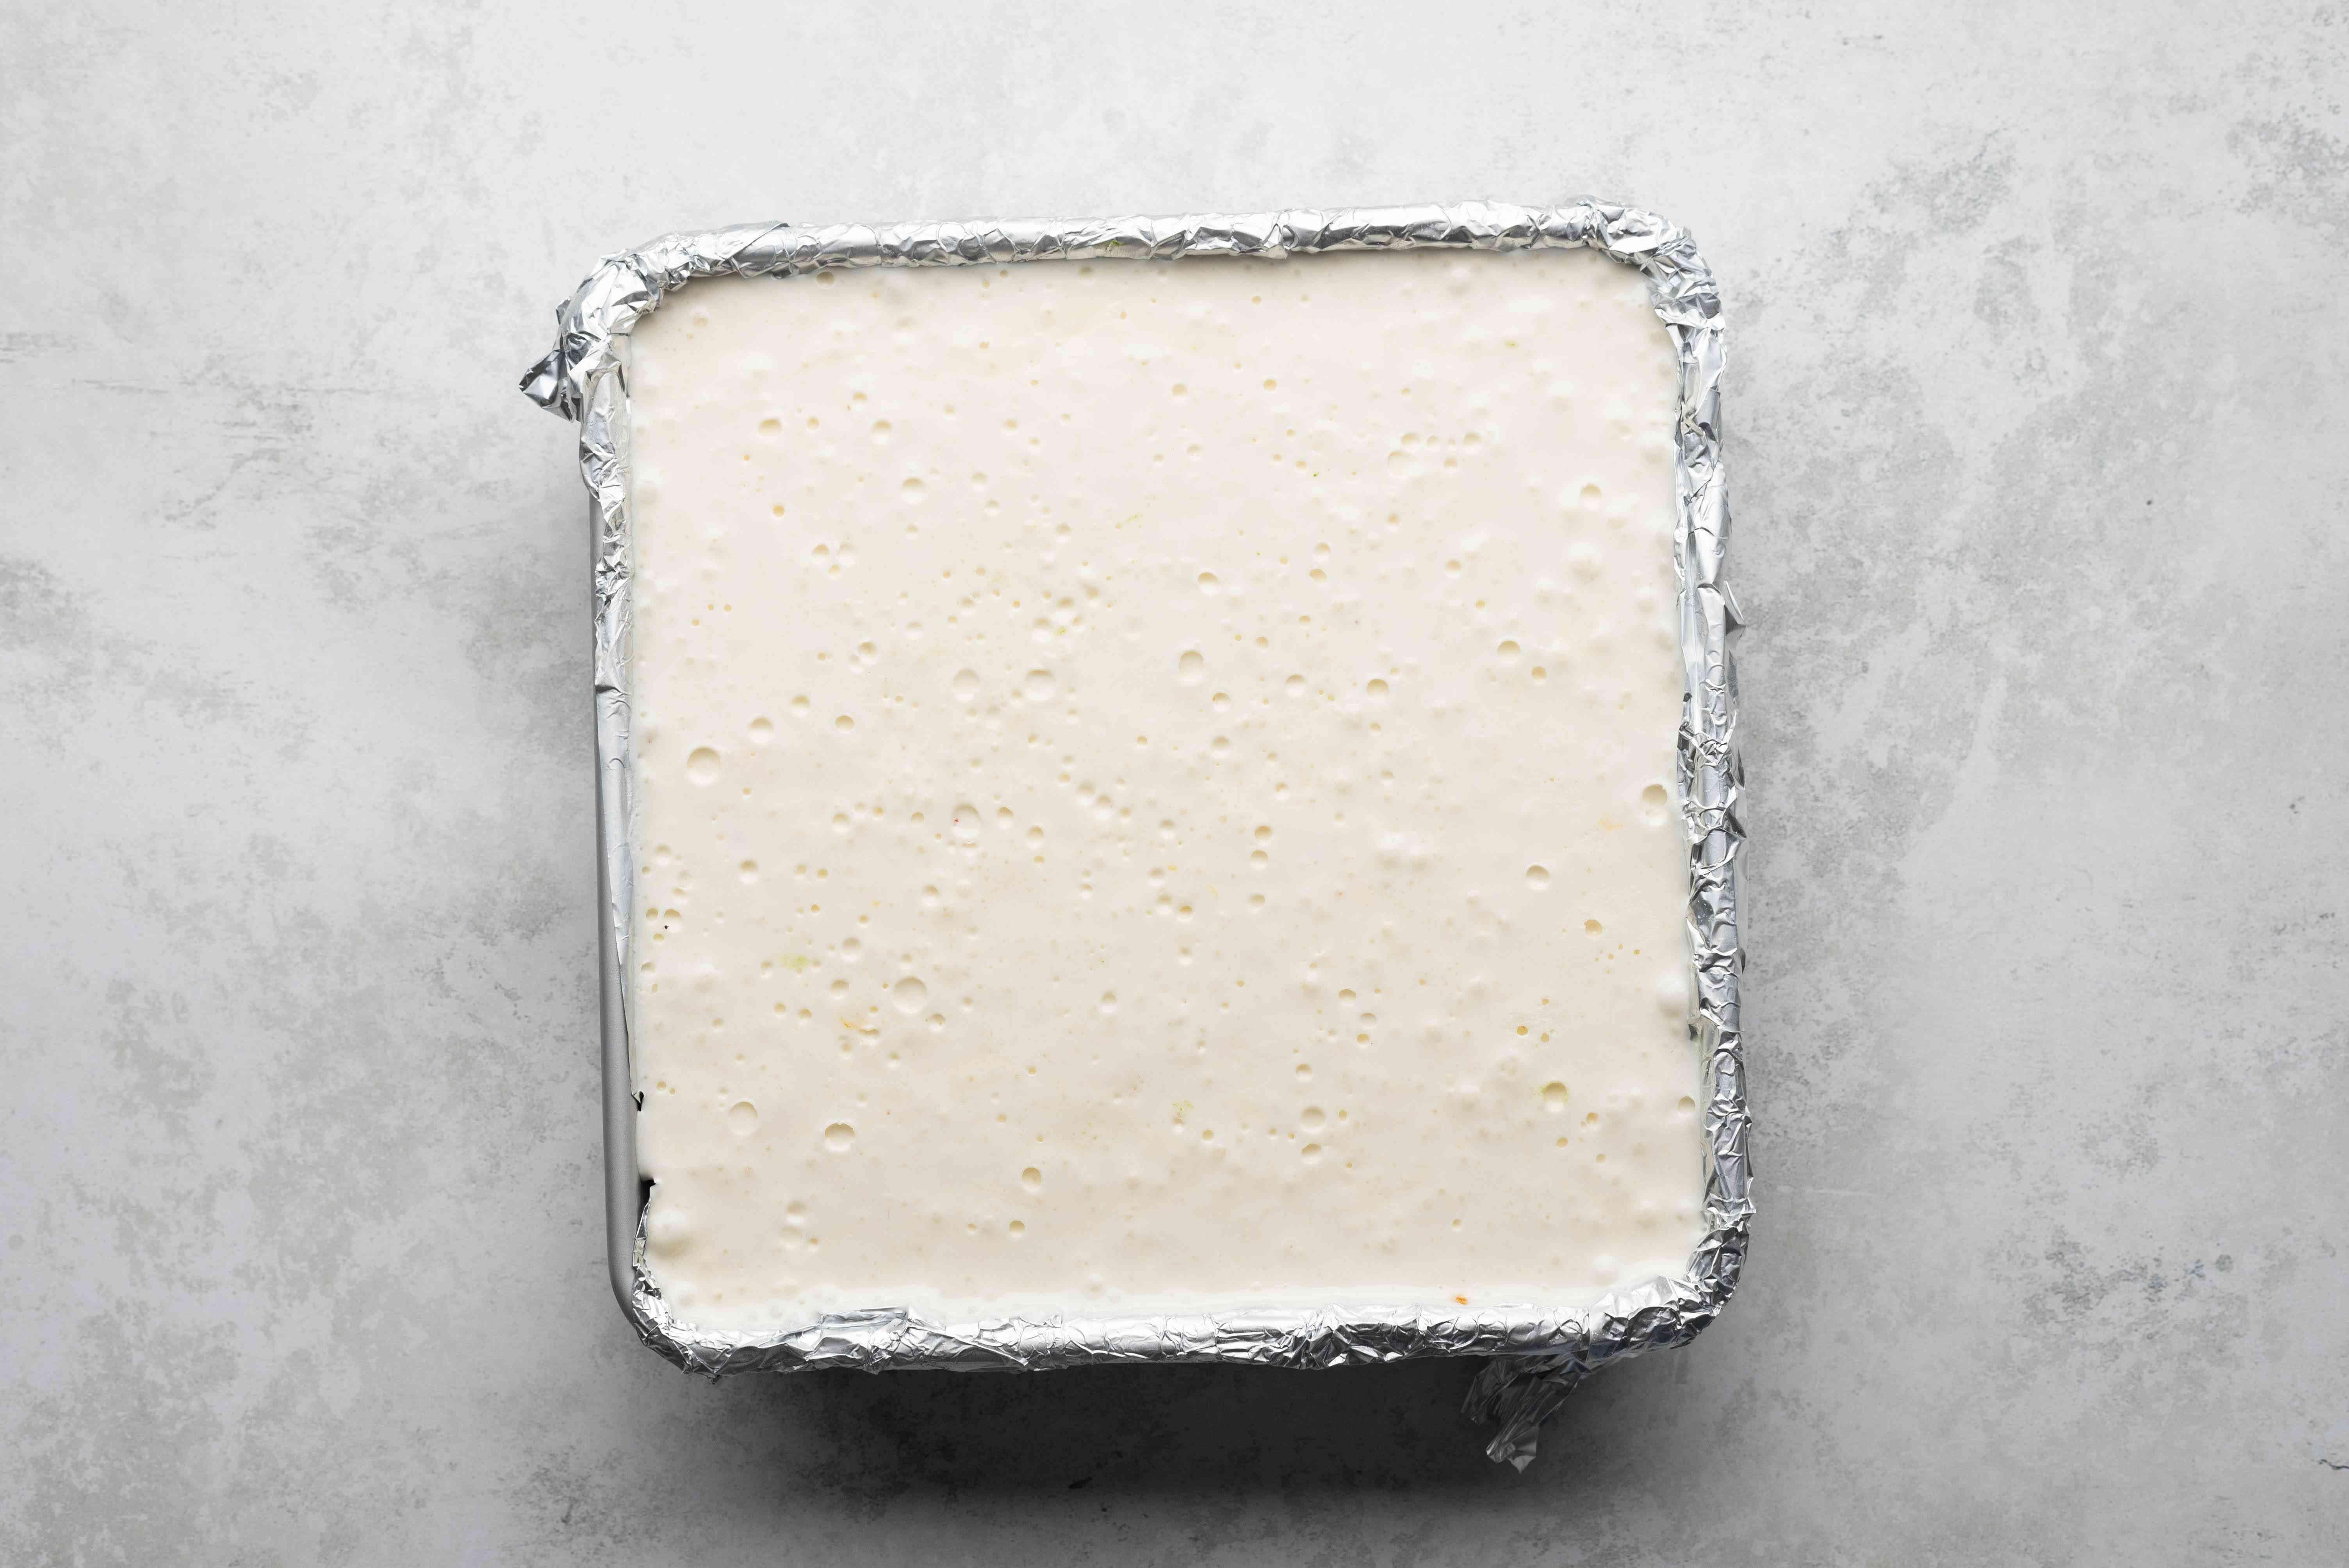 nougat in a baking pan